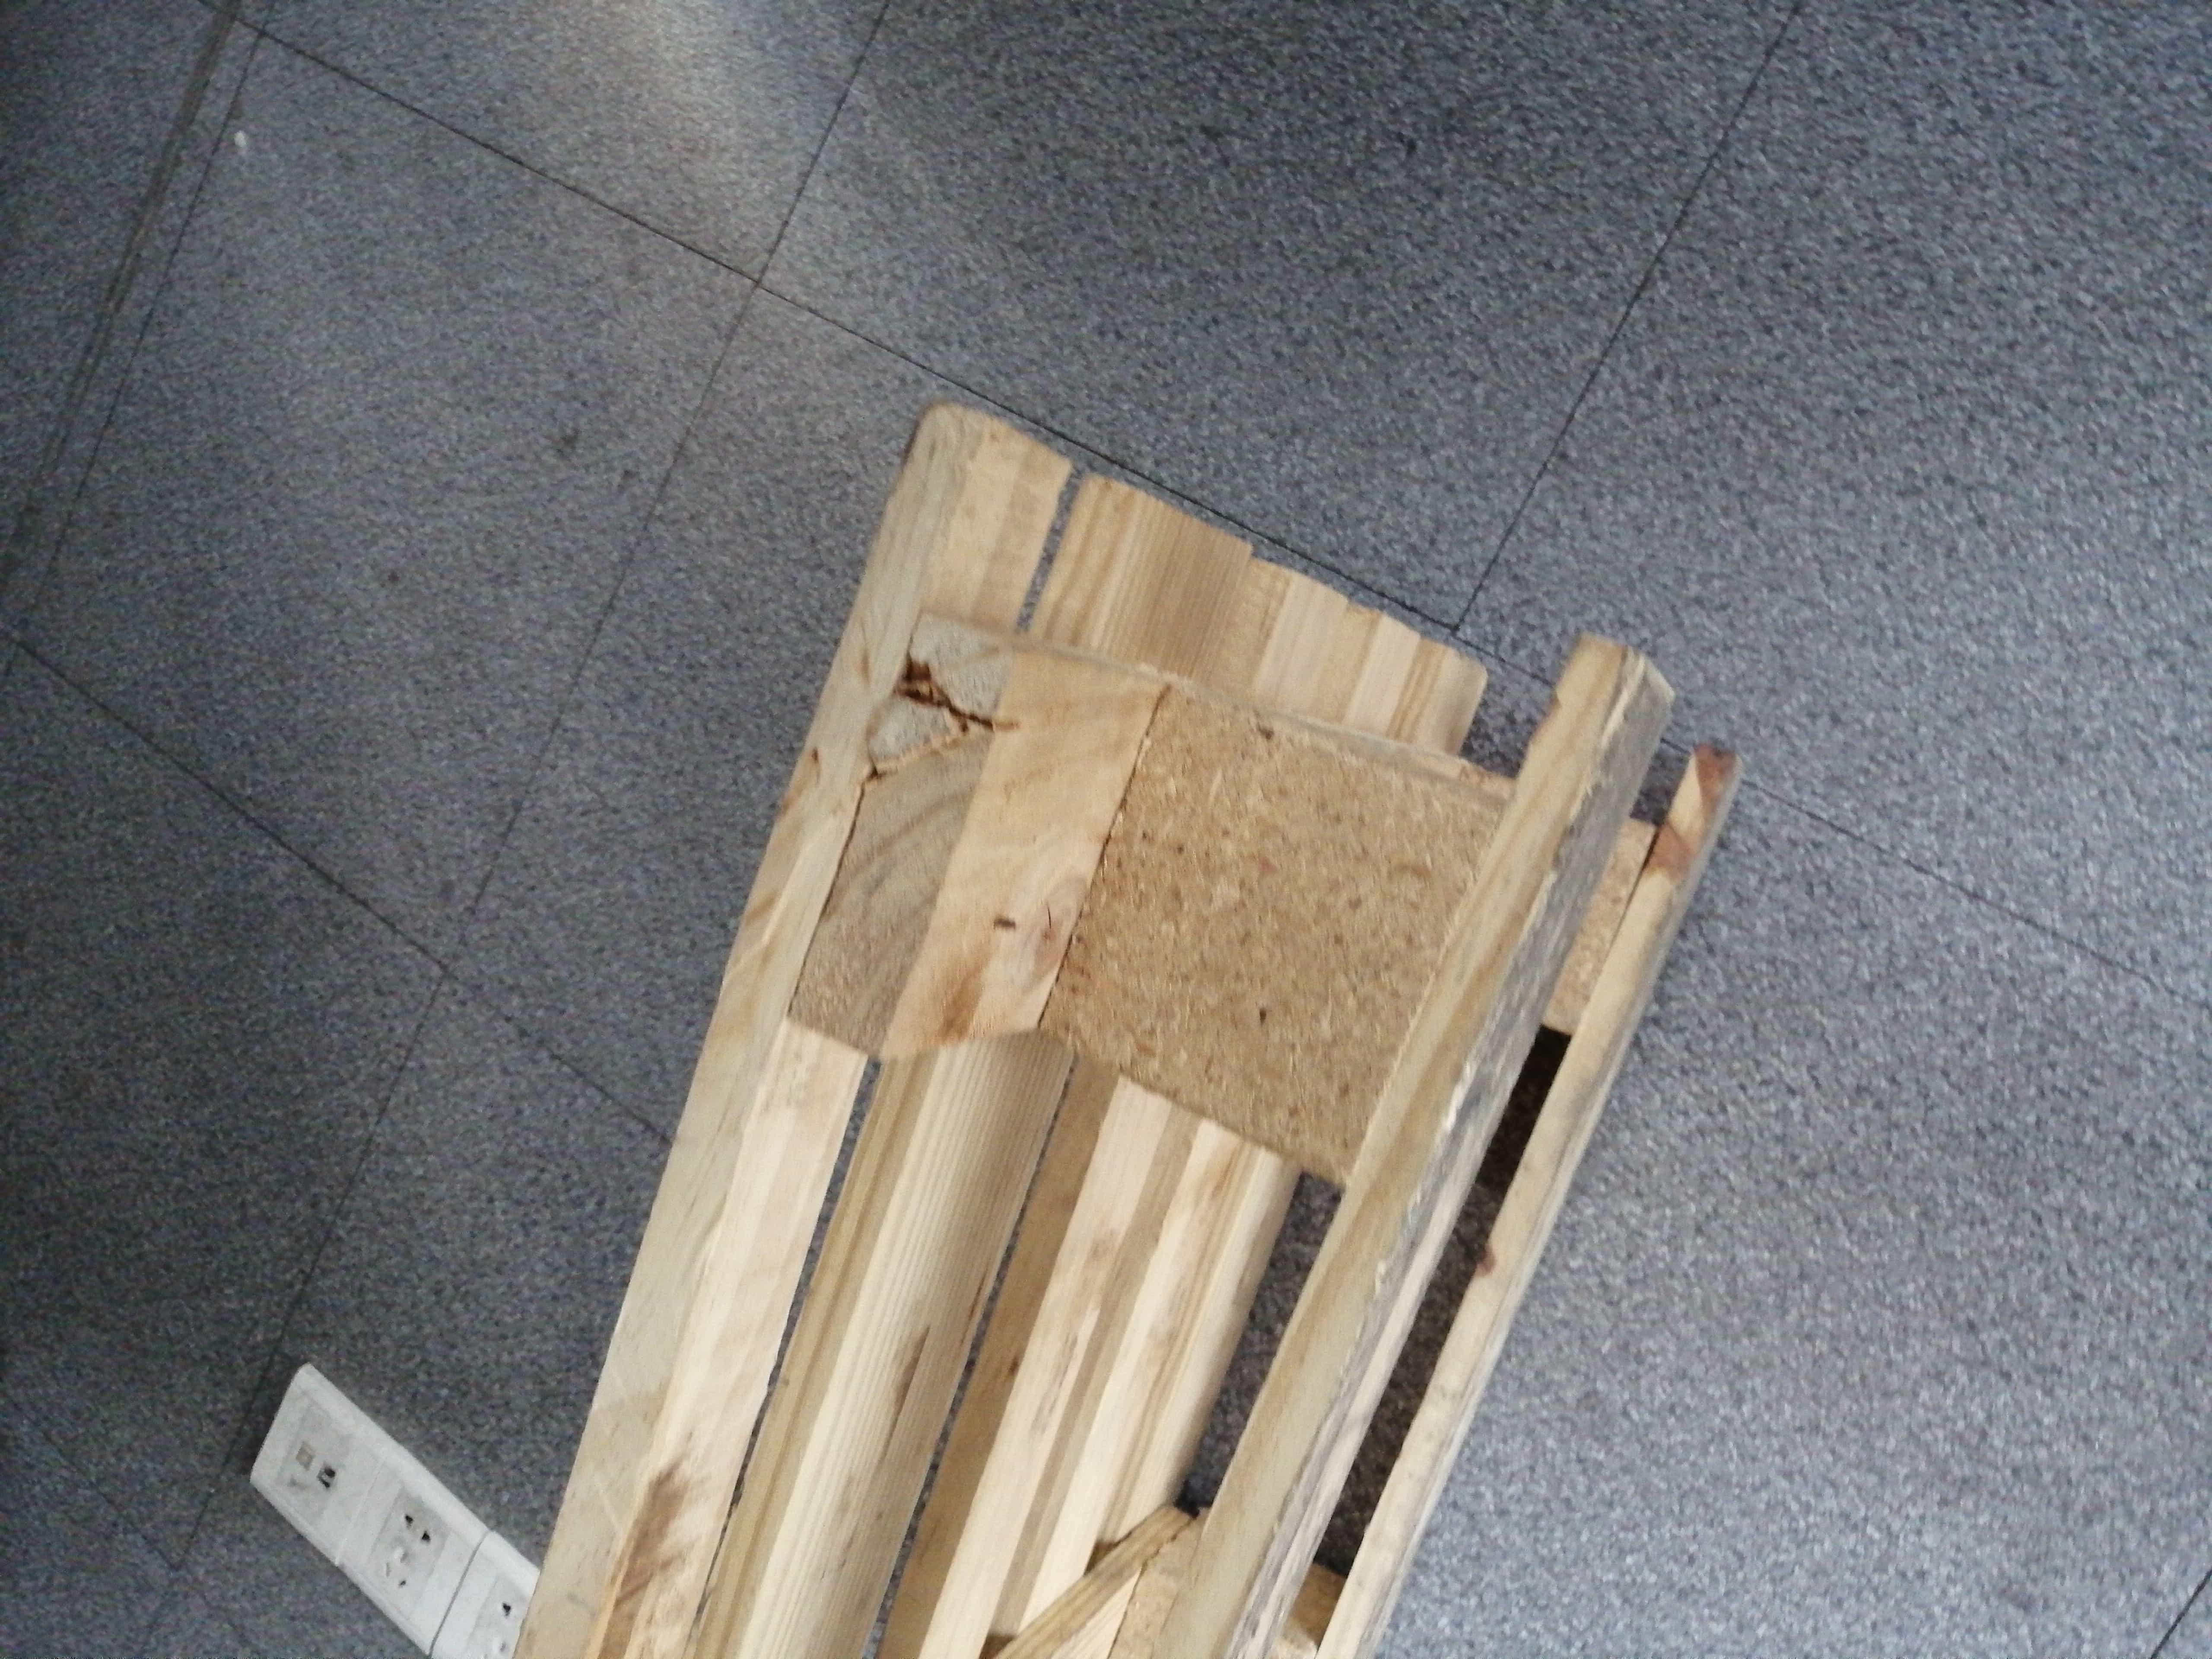 木材加工网 - 专业加工/定制服务